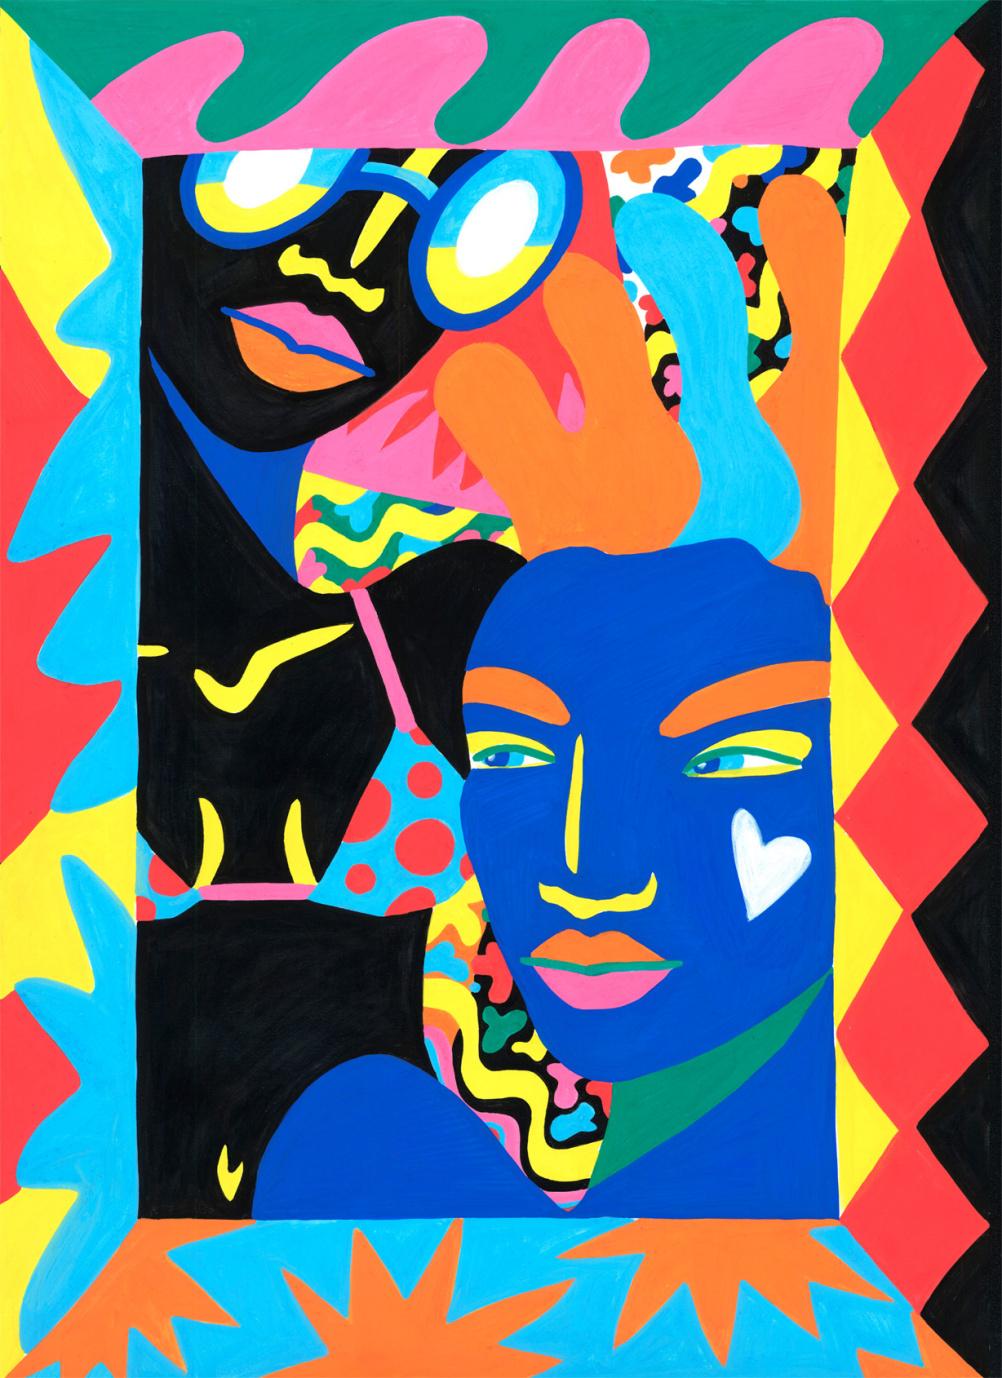 Crazy Love by Lynnie Zulu